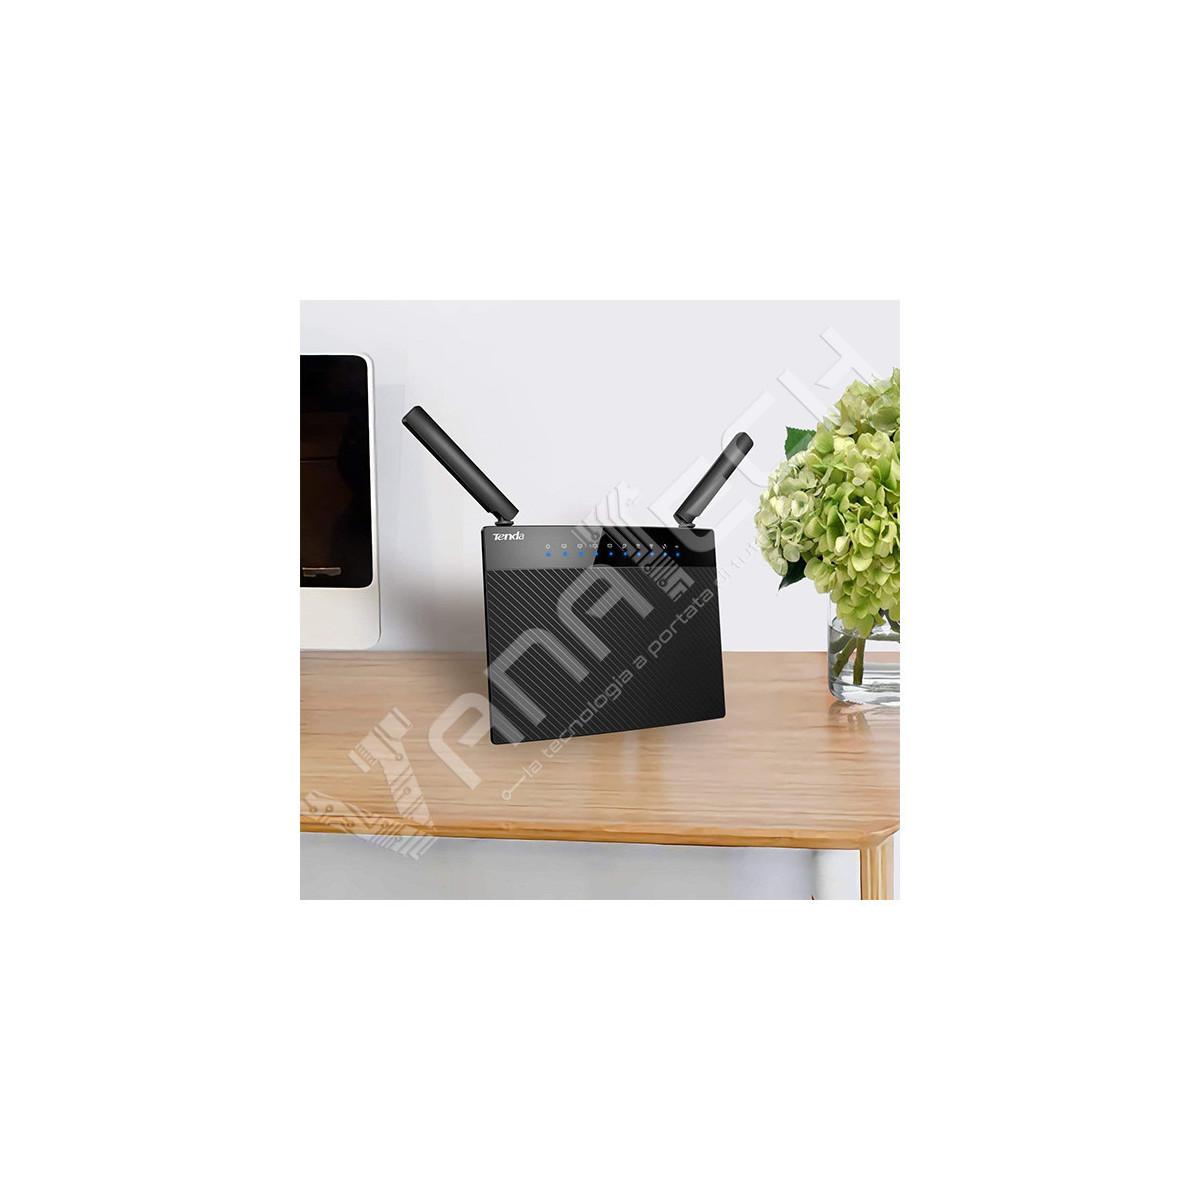 IC CONTROLLO FLASH FOTOCAMERA U1602 MODELLO 64A1 PER IPHONE 6 6 PLUS